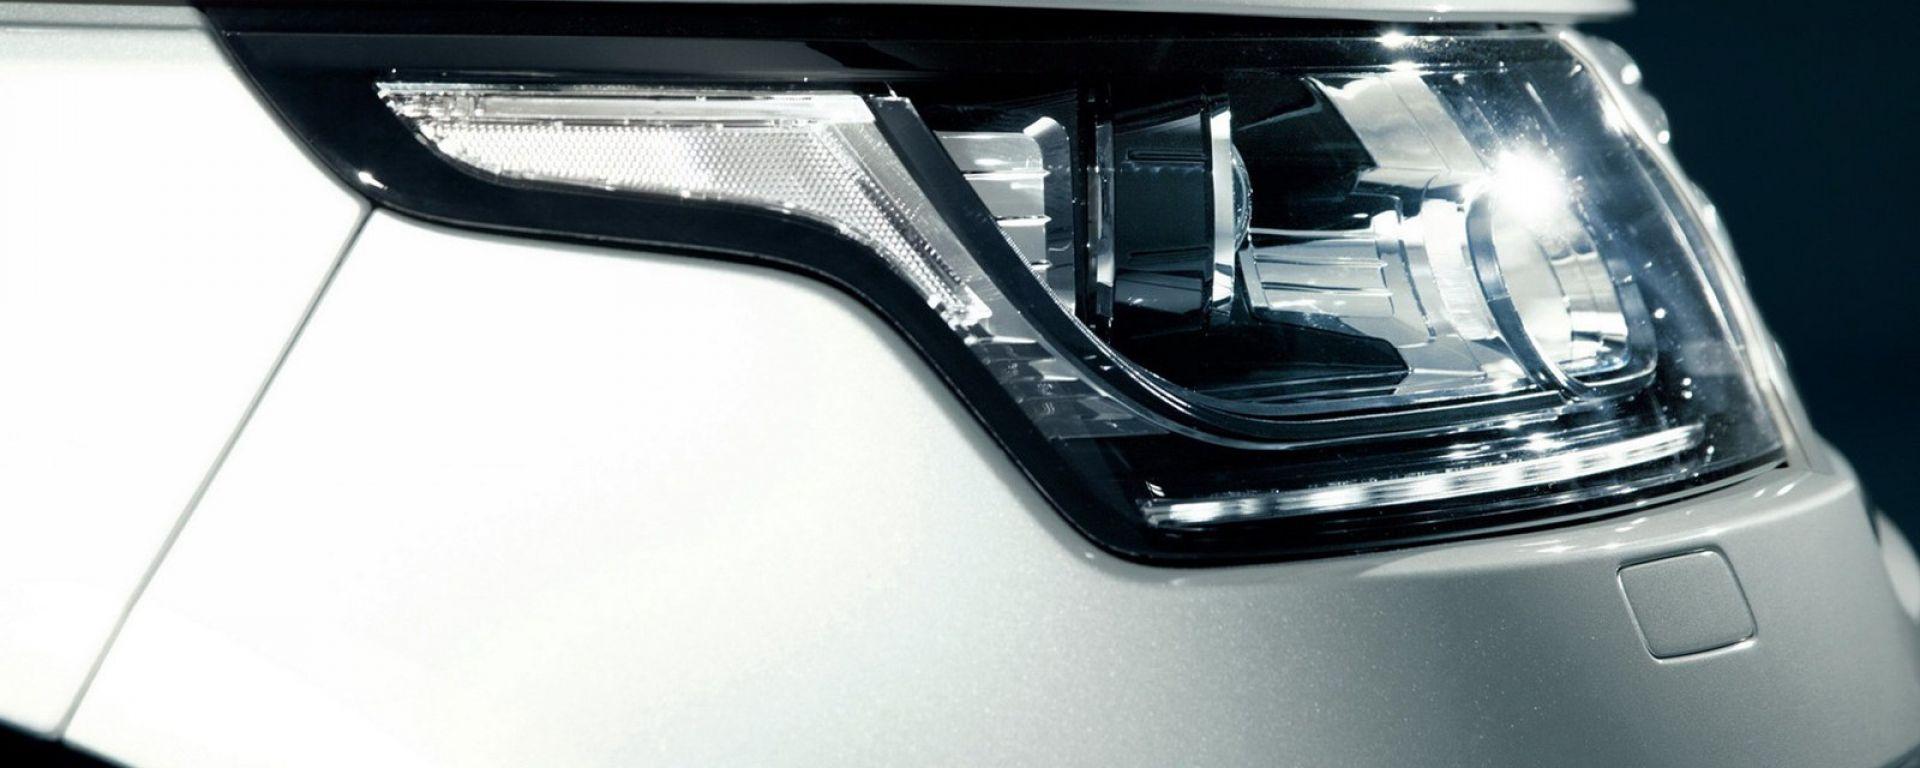 Range Rover 2013, nuove foto e dati